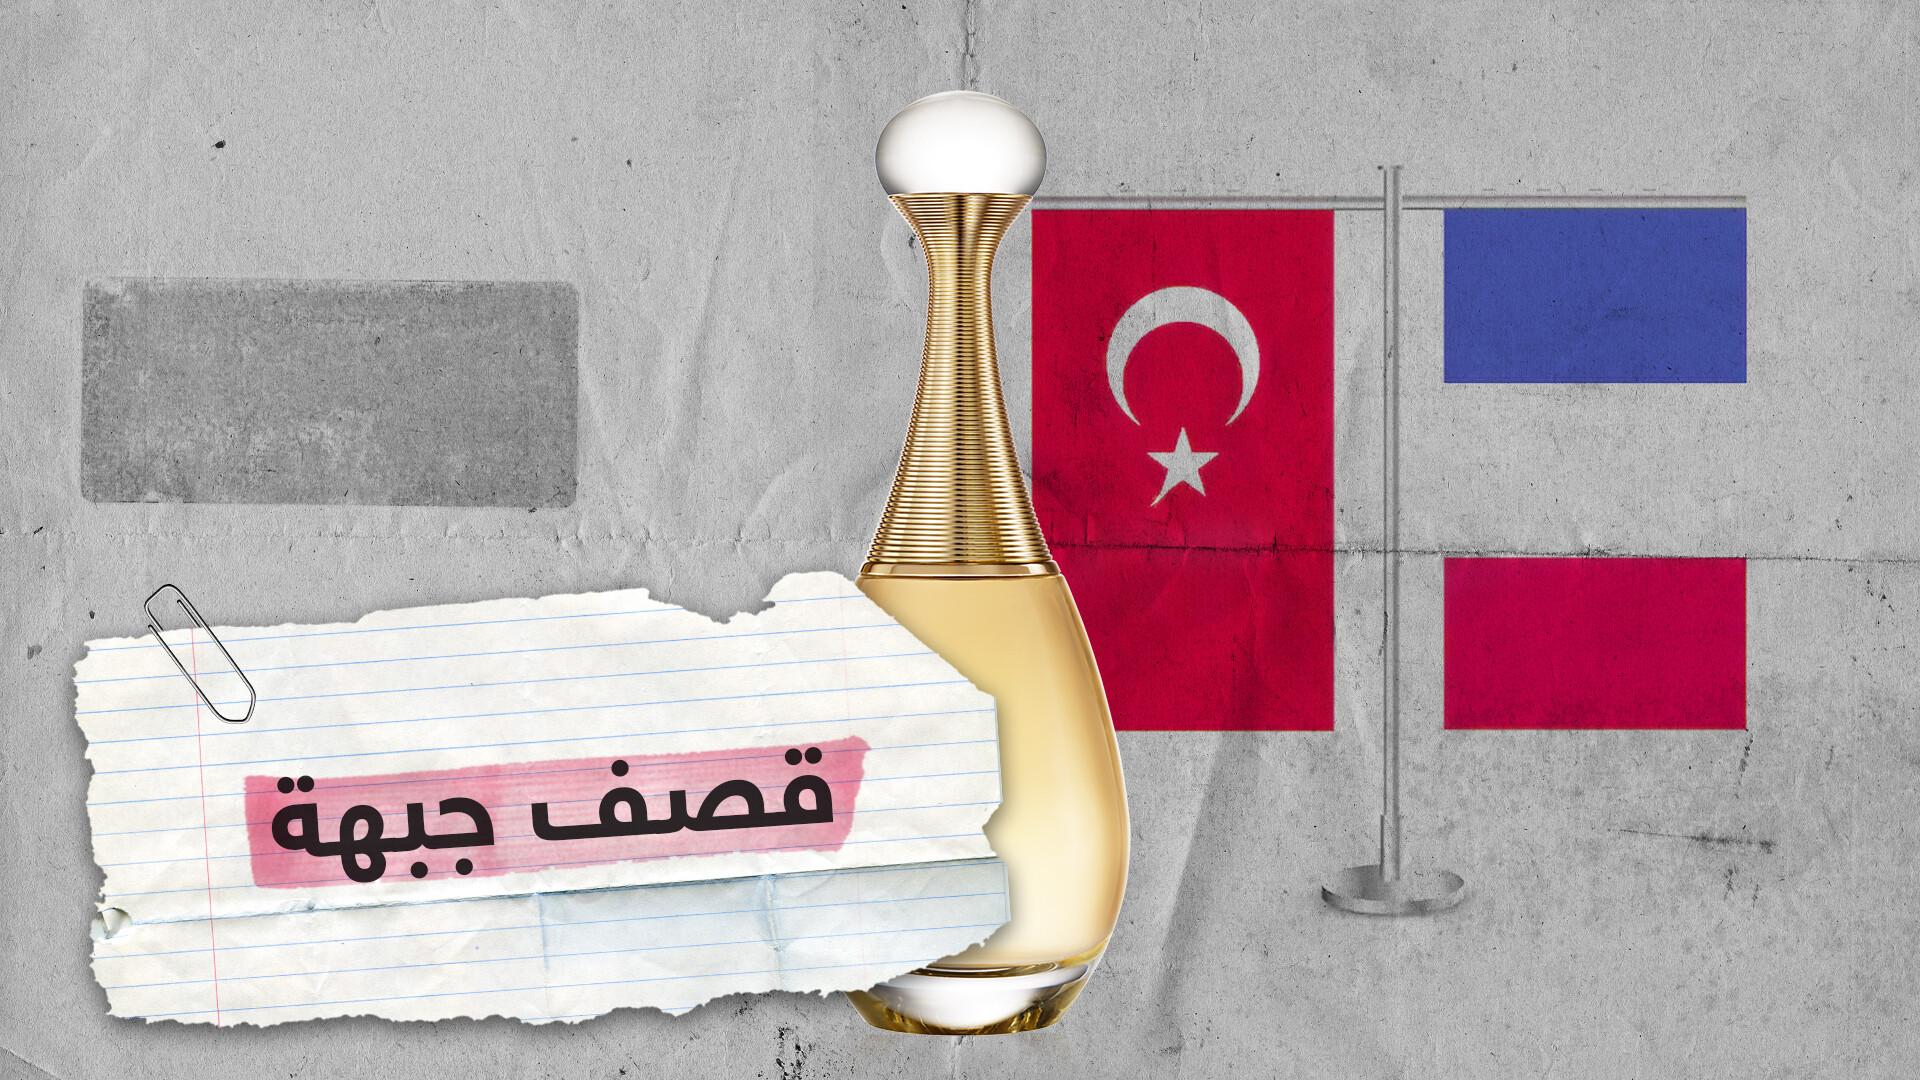 """اتضح أنها """"تمثيلية"""".. """"معركة تاريخية"""" بين تركي وشرطي فرنسي"""